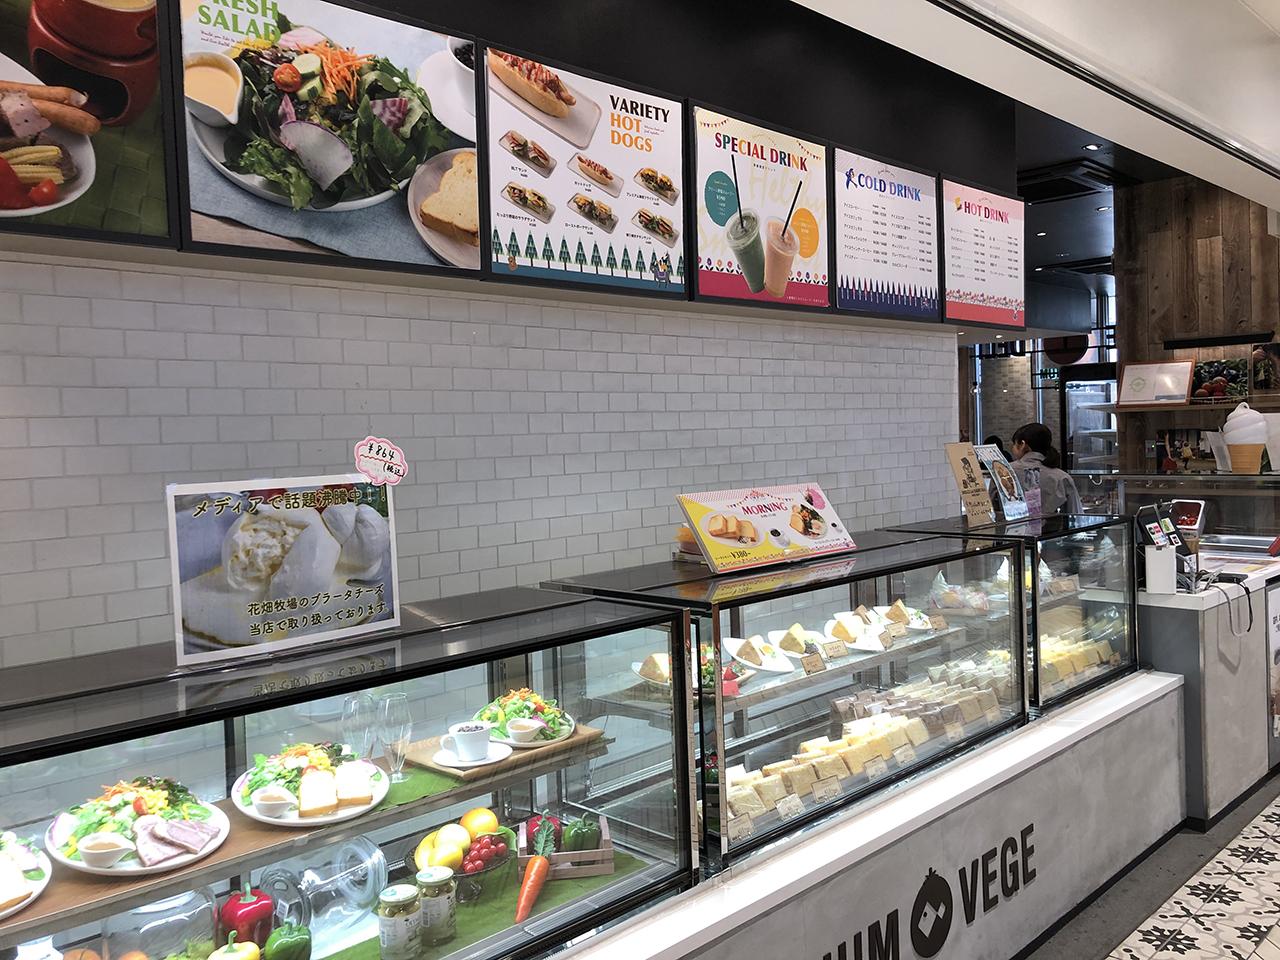 カフェ&デリ プラチナベジ シャポー船橋店 の外観